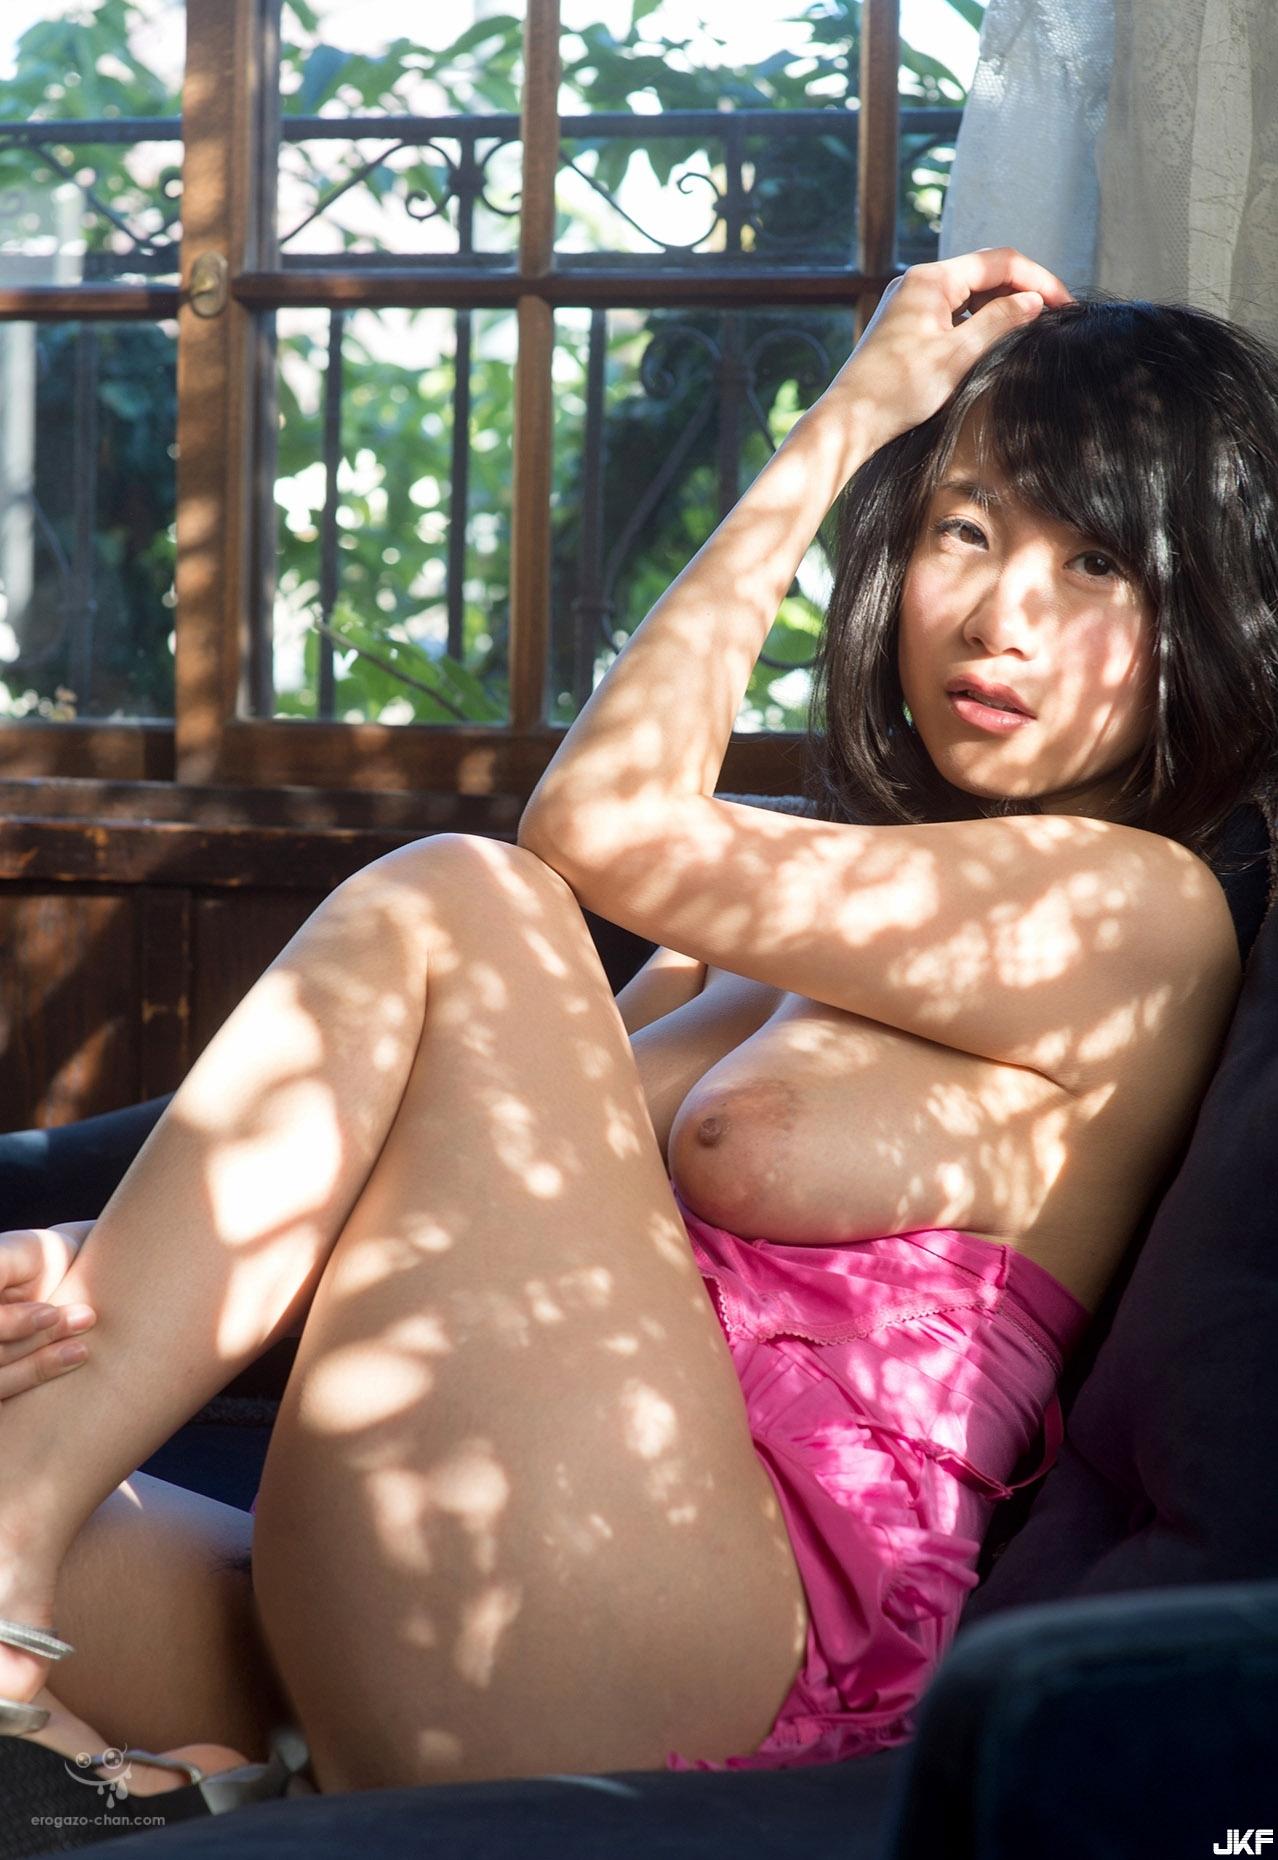 nagase_mami_1052-071.jpg